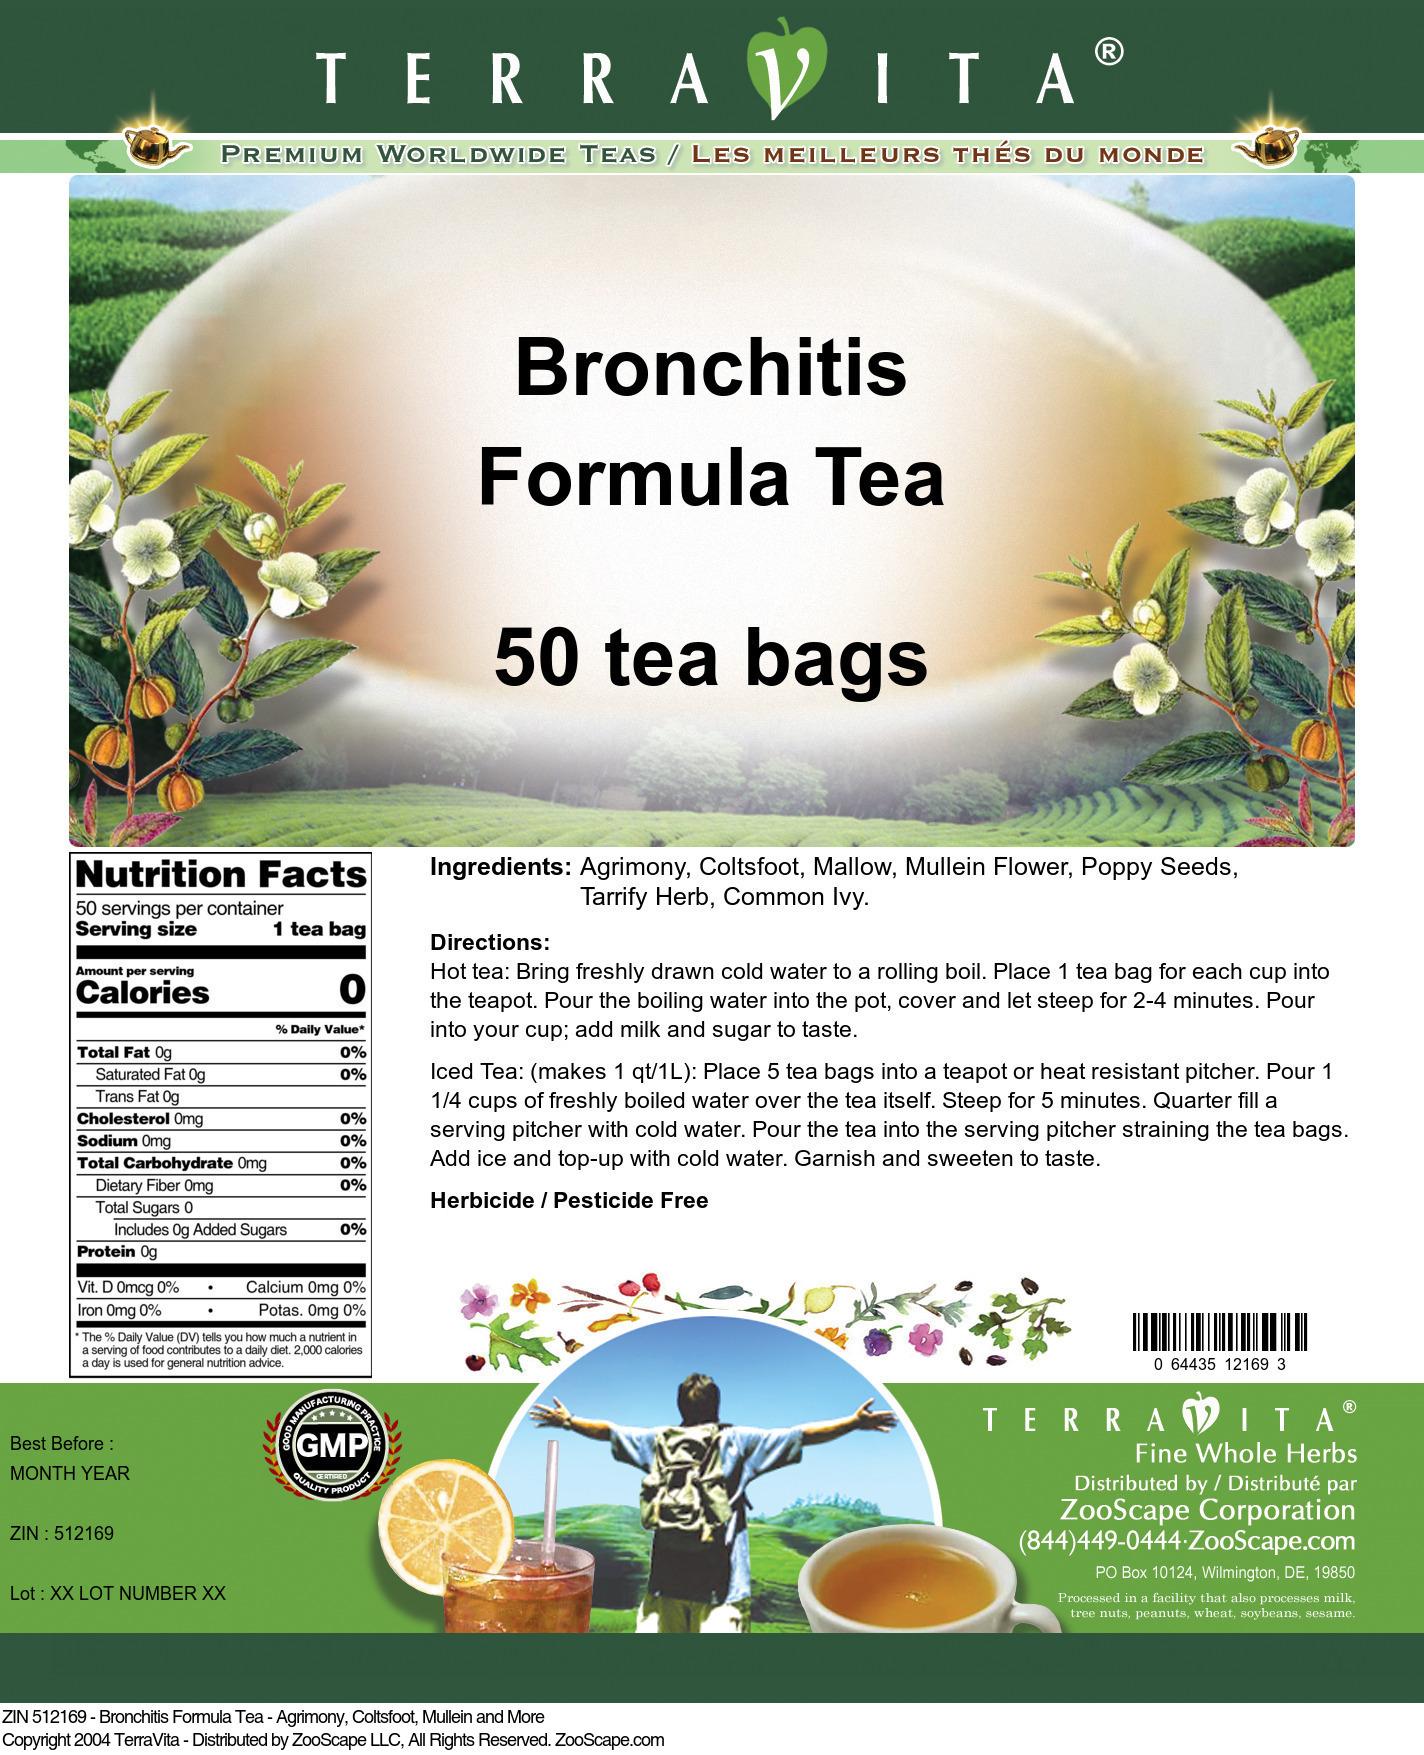 Bronchitis Formula